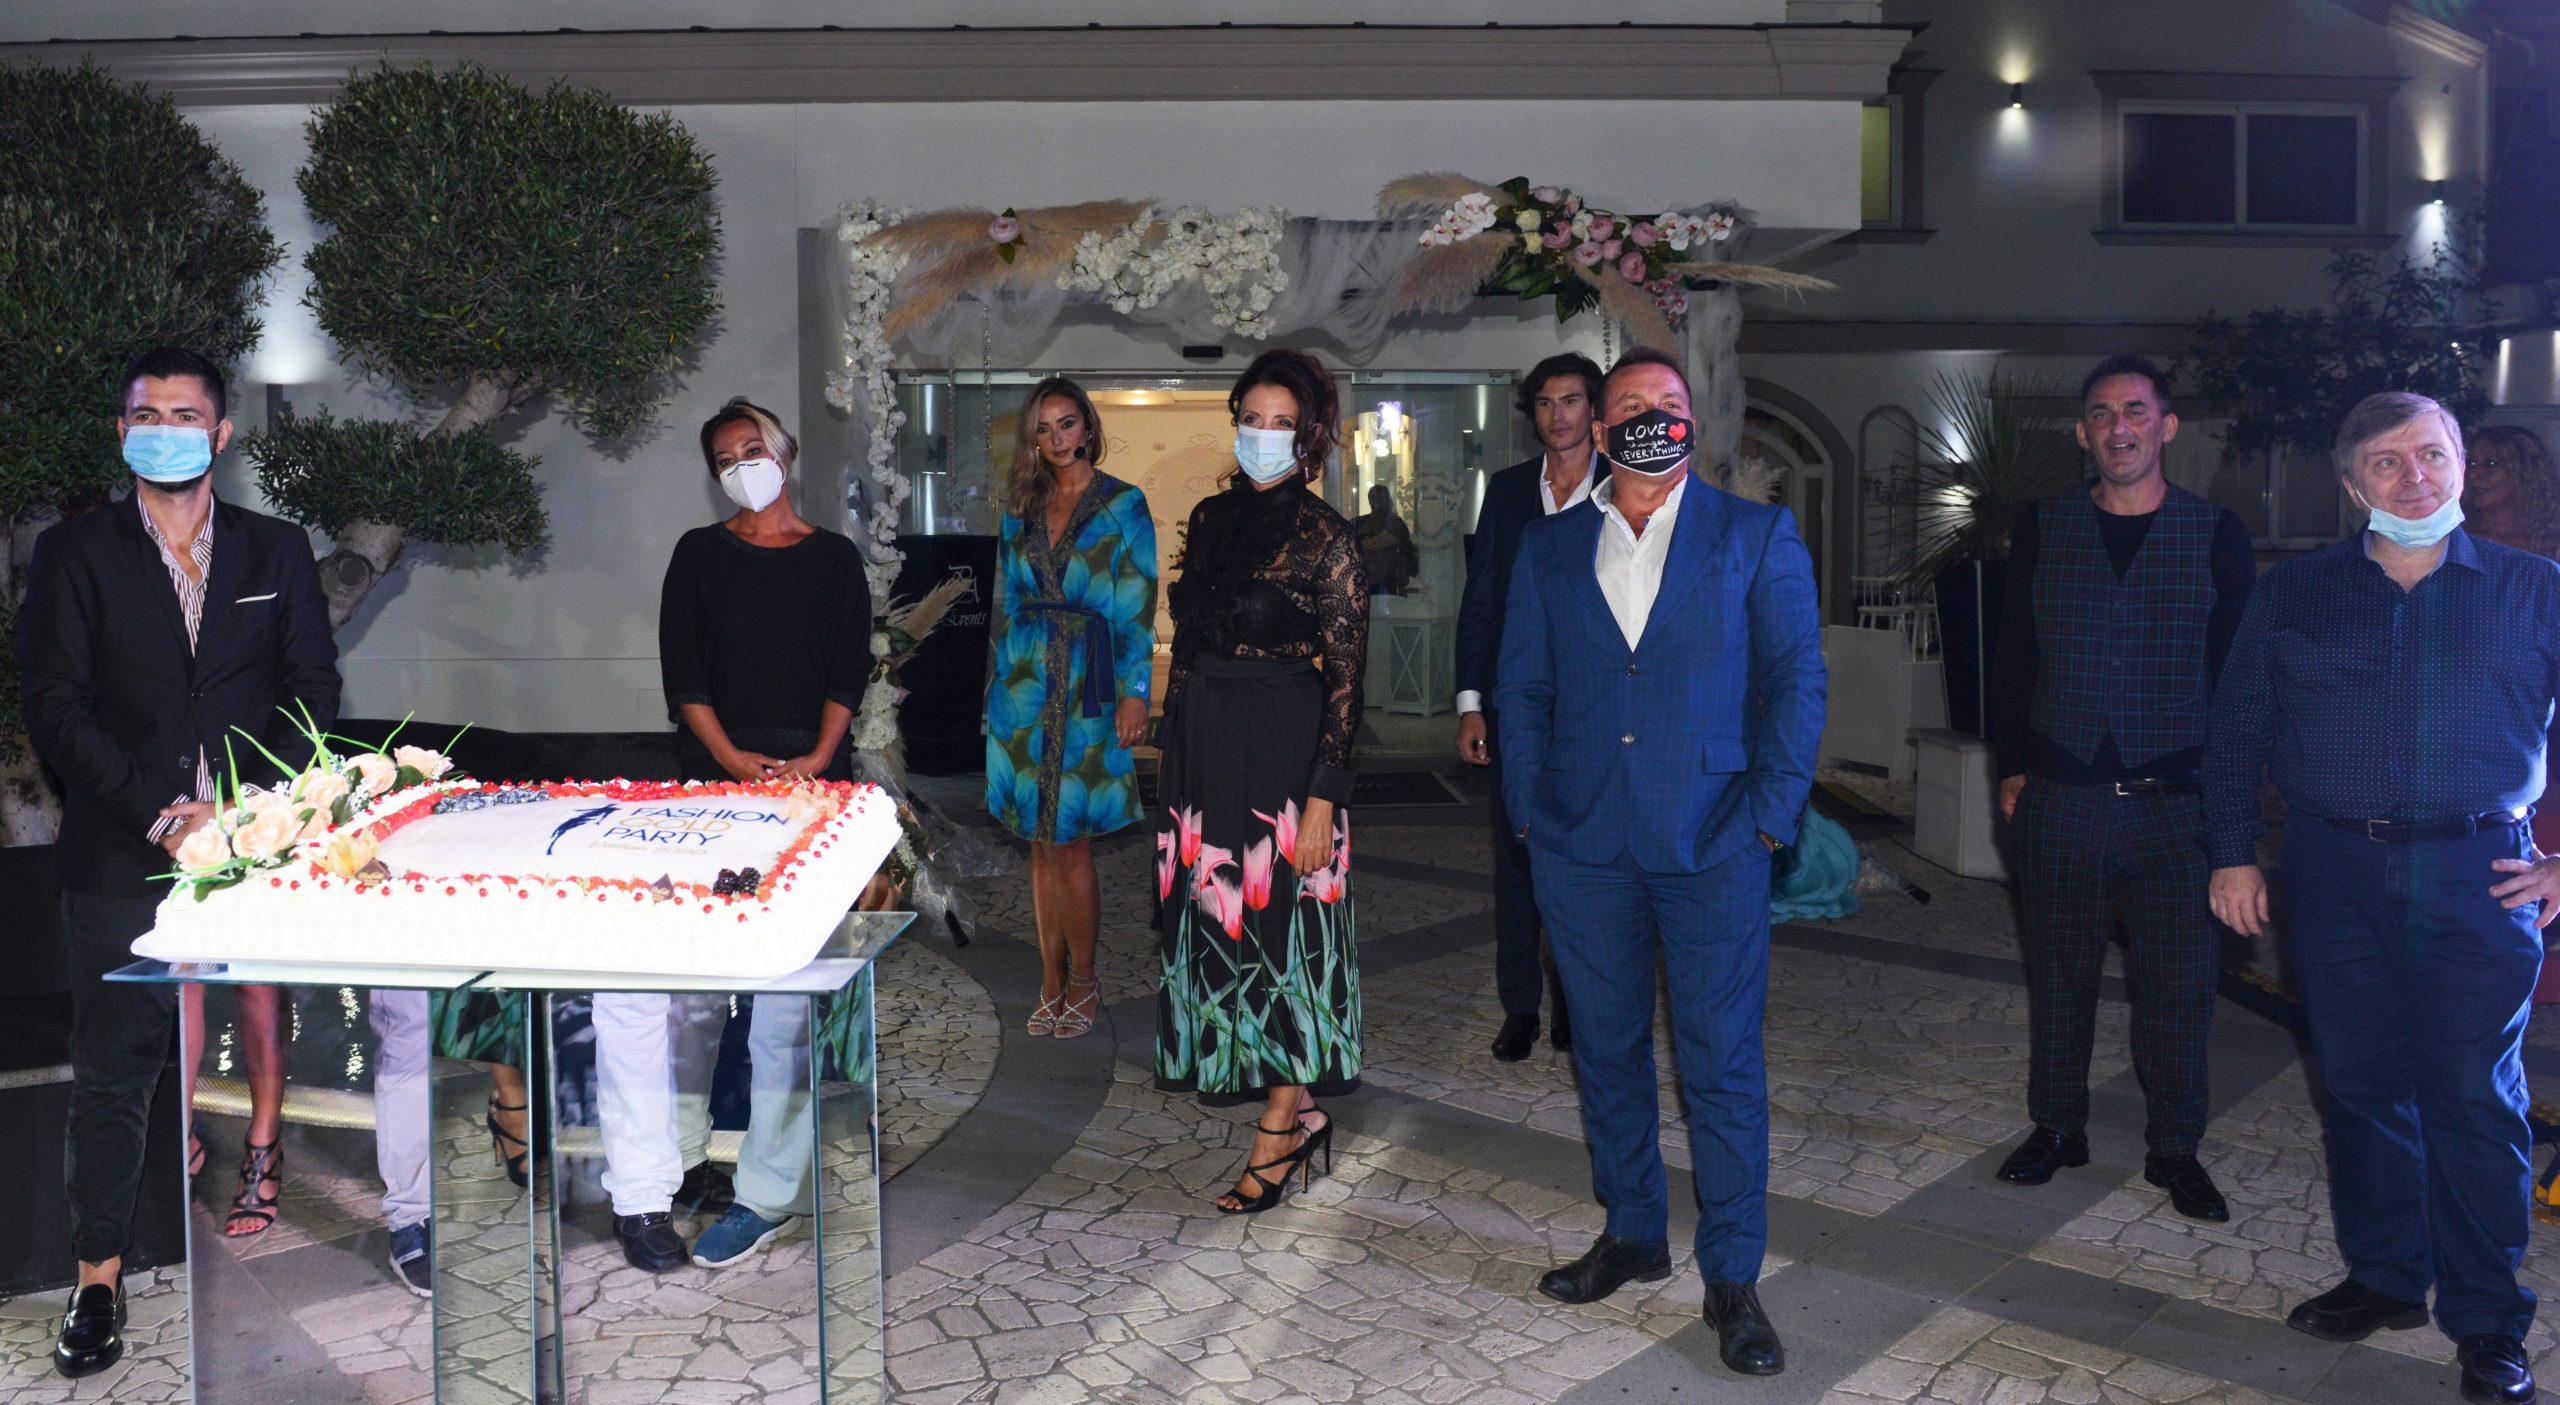 L'ottava edizione del Fashion Gold Party 2020 al Palazzo Auricchio Events: un grande successo